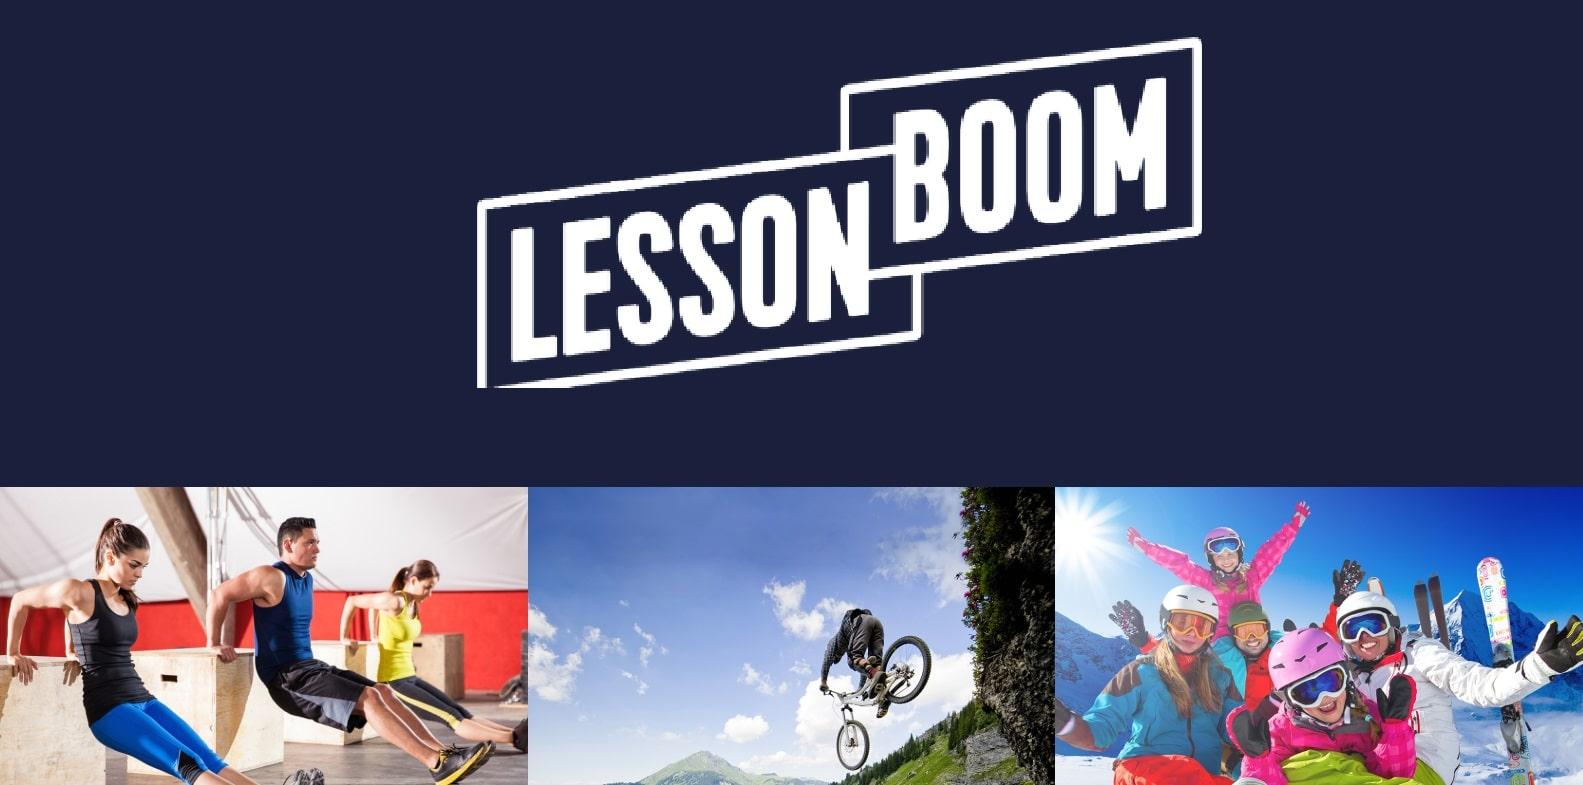 Lessonboom: l'app per imparare a sciare aggiunge mountain bike e fitness thumbnail